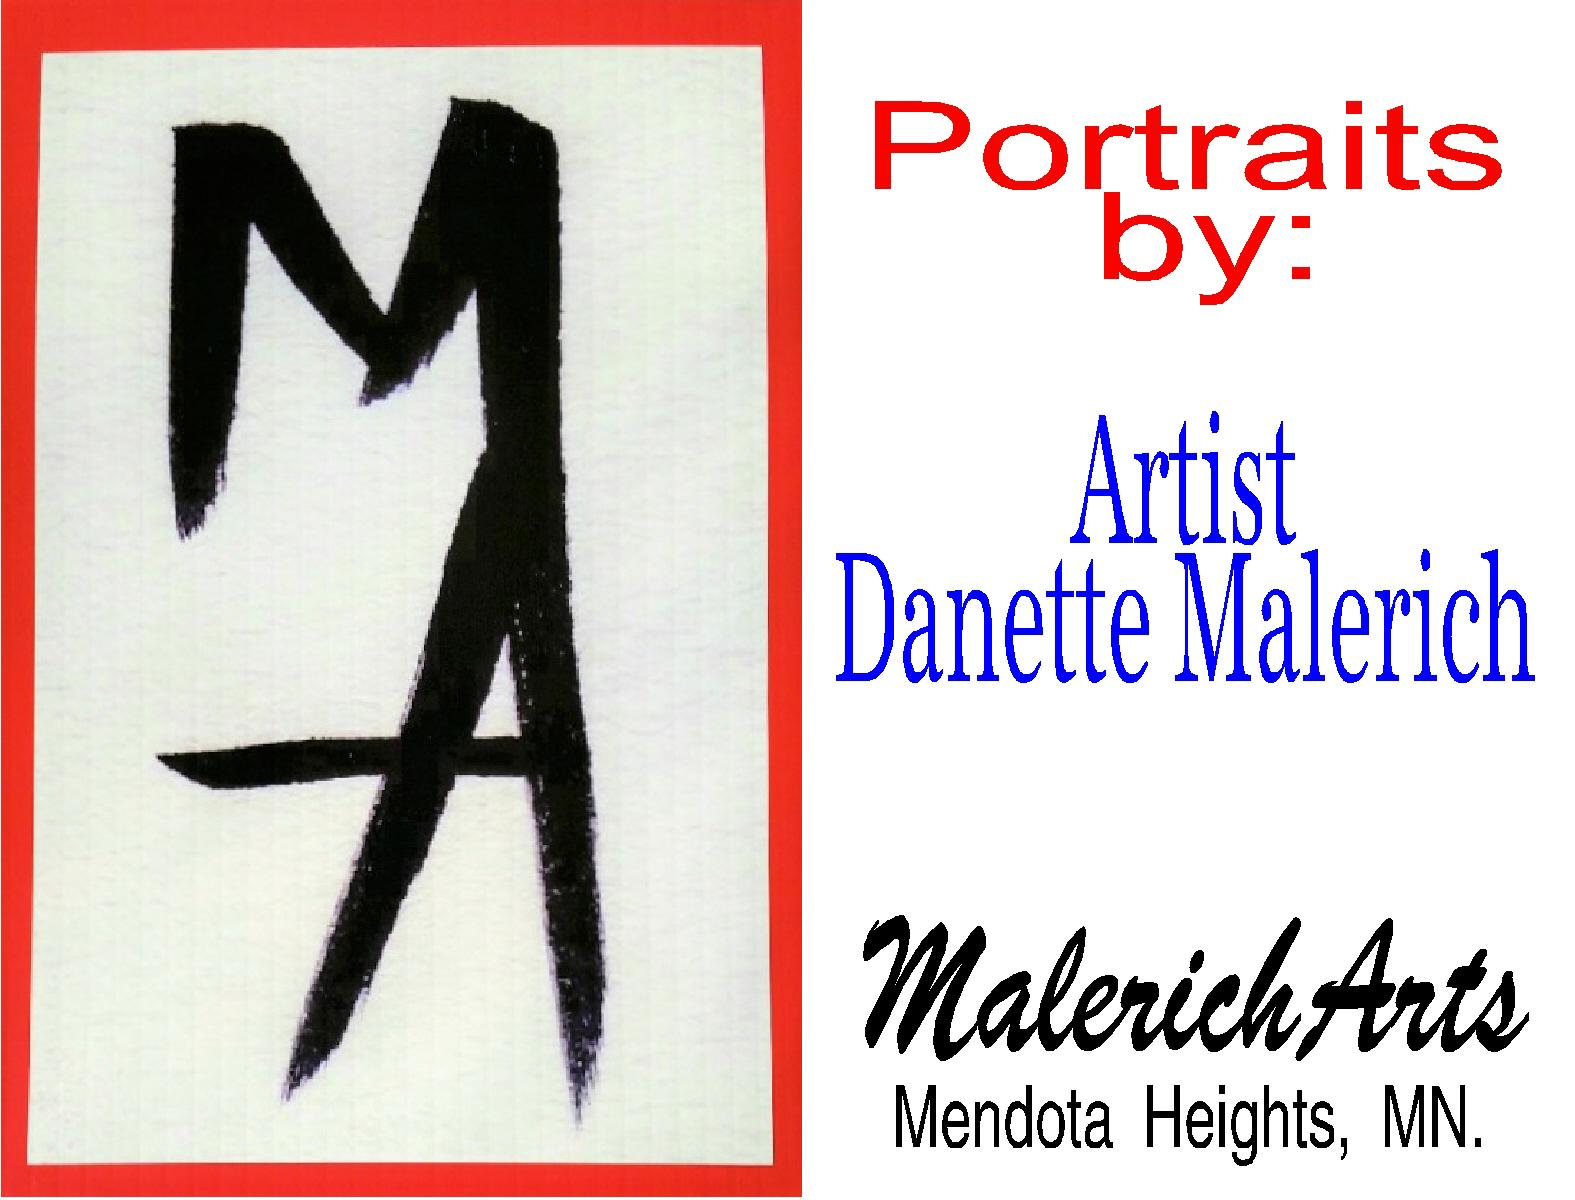 Malerich Arts